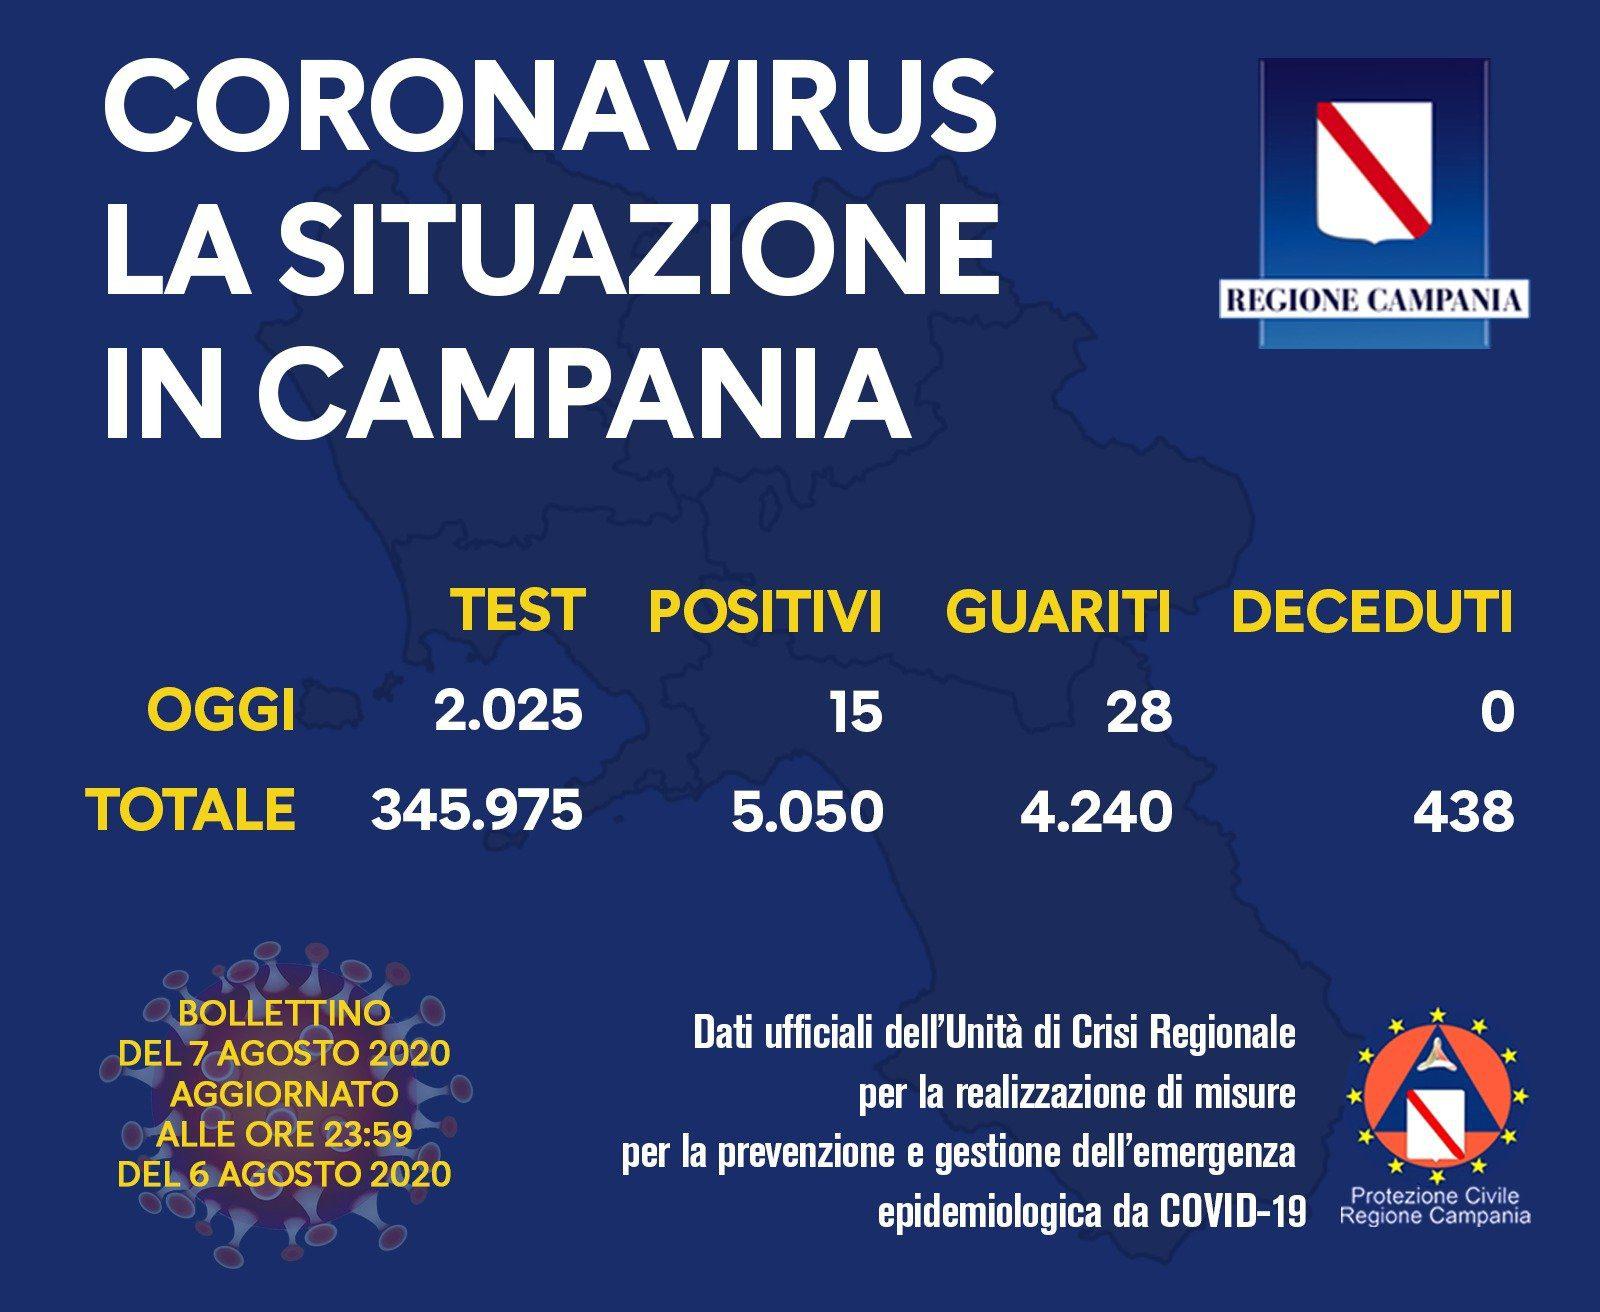 117290801 10158311041628257 3948498687423484938 o - COVID-19, IL BOLLETTINO ORDINARIO DELL'UNITÀ DI CRISI DELLA REGIONE CAMPANIA - 7/8/20